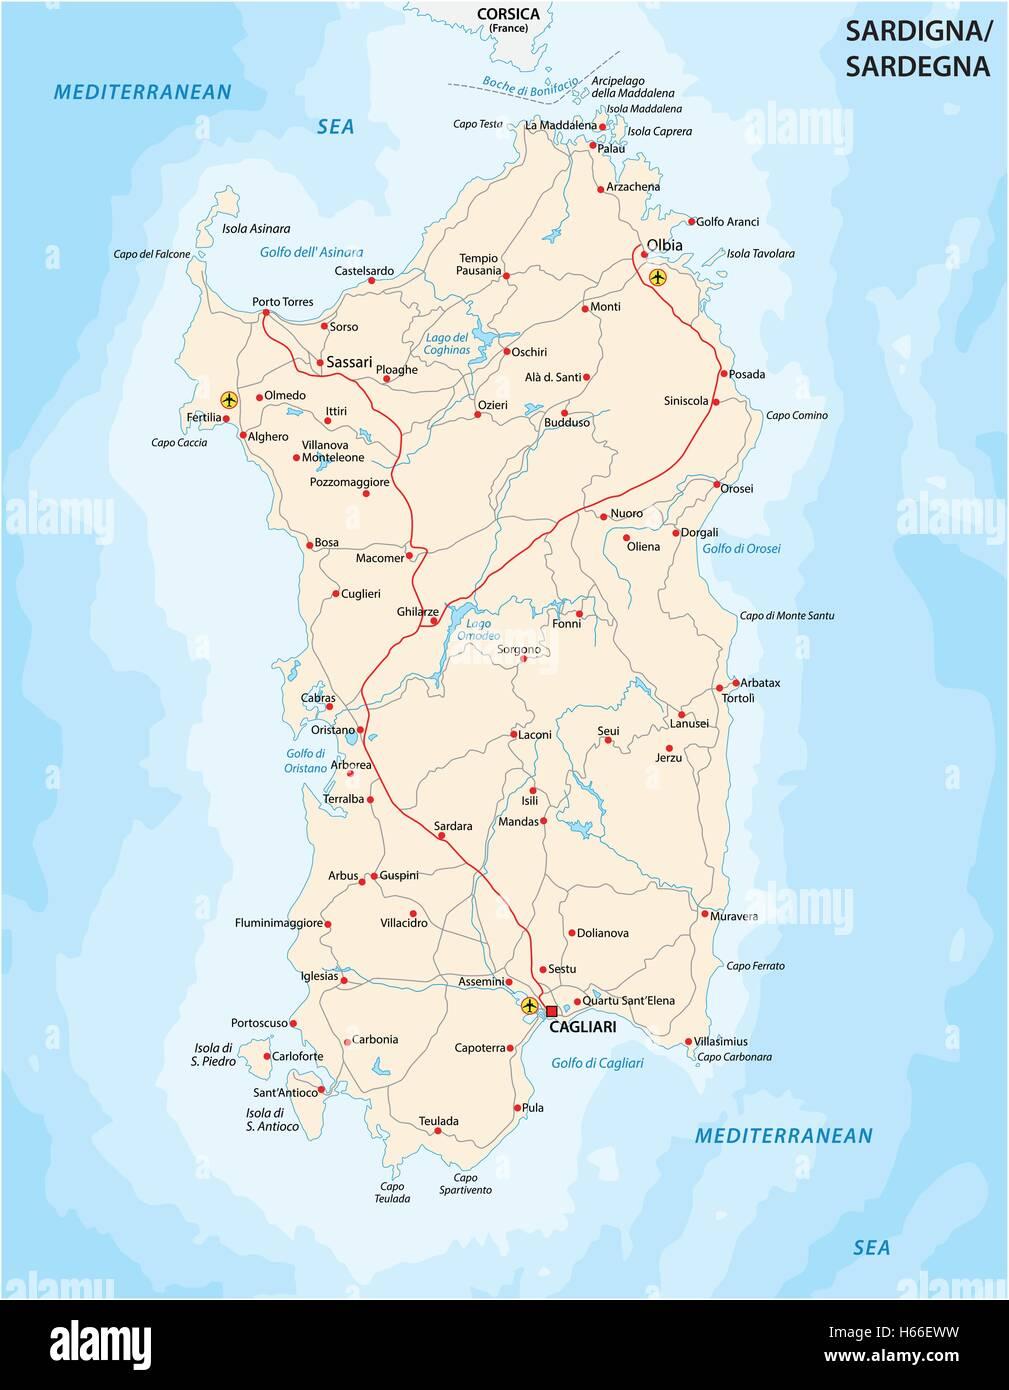 Immagini Della Cartina Geografica Della Sardegna.Mappa Stradale Italiana Di Isola Del Mediterraneo La Sardegna Immagine E Vettoriale Alamy